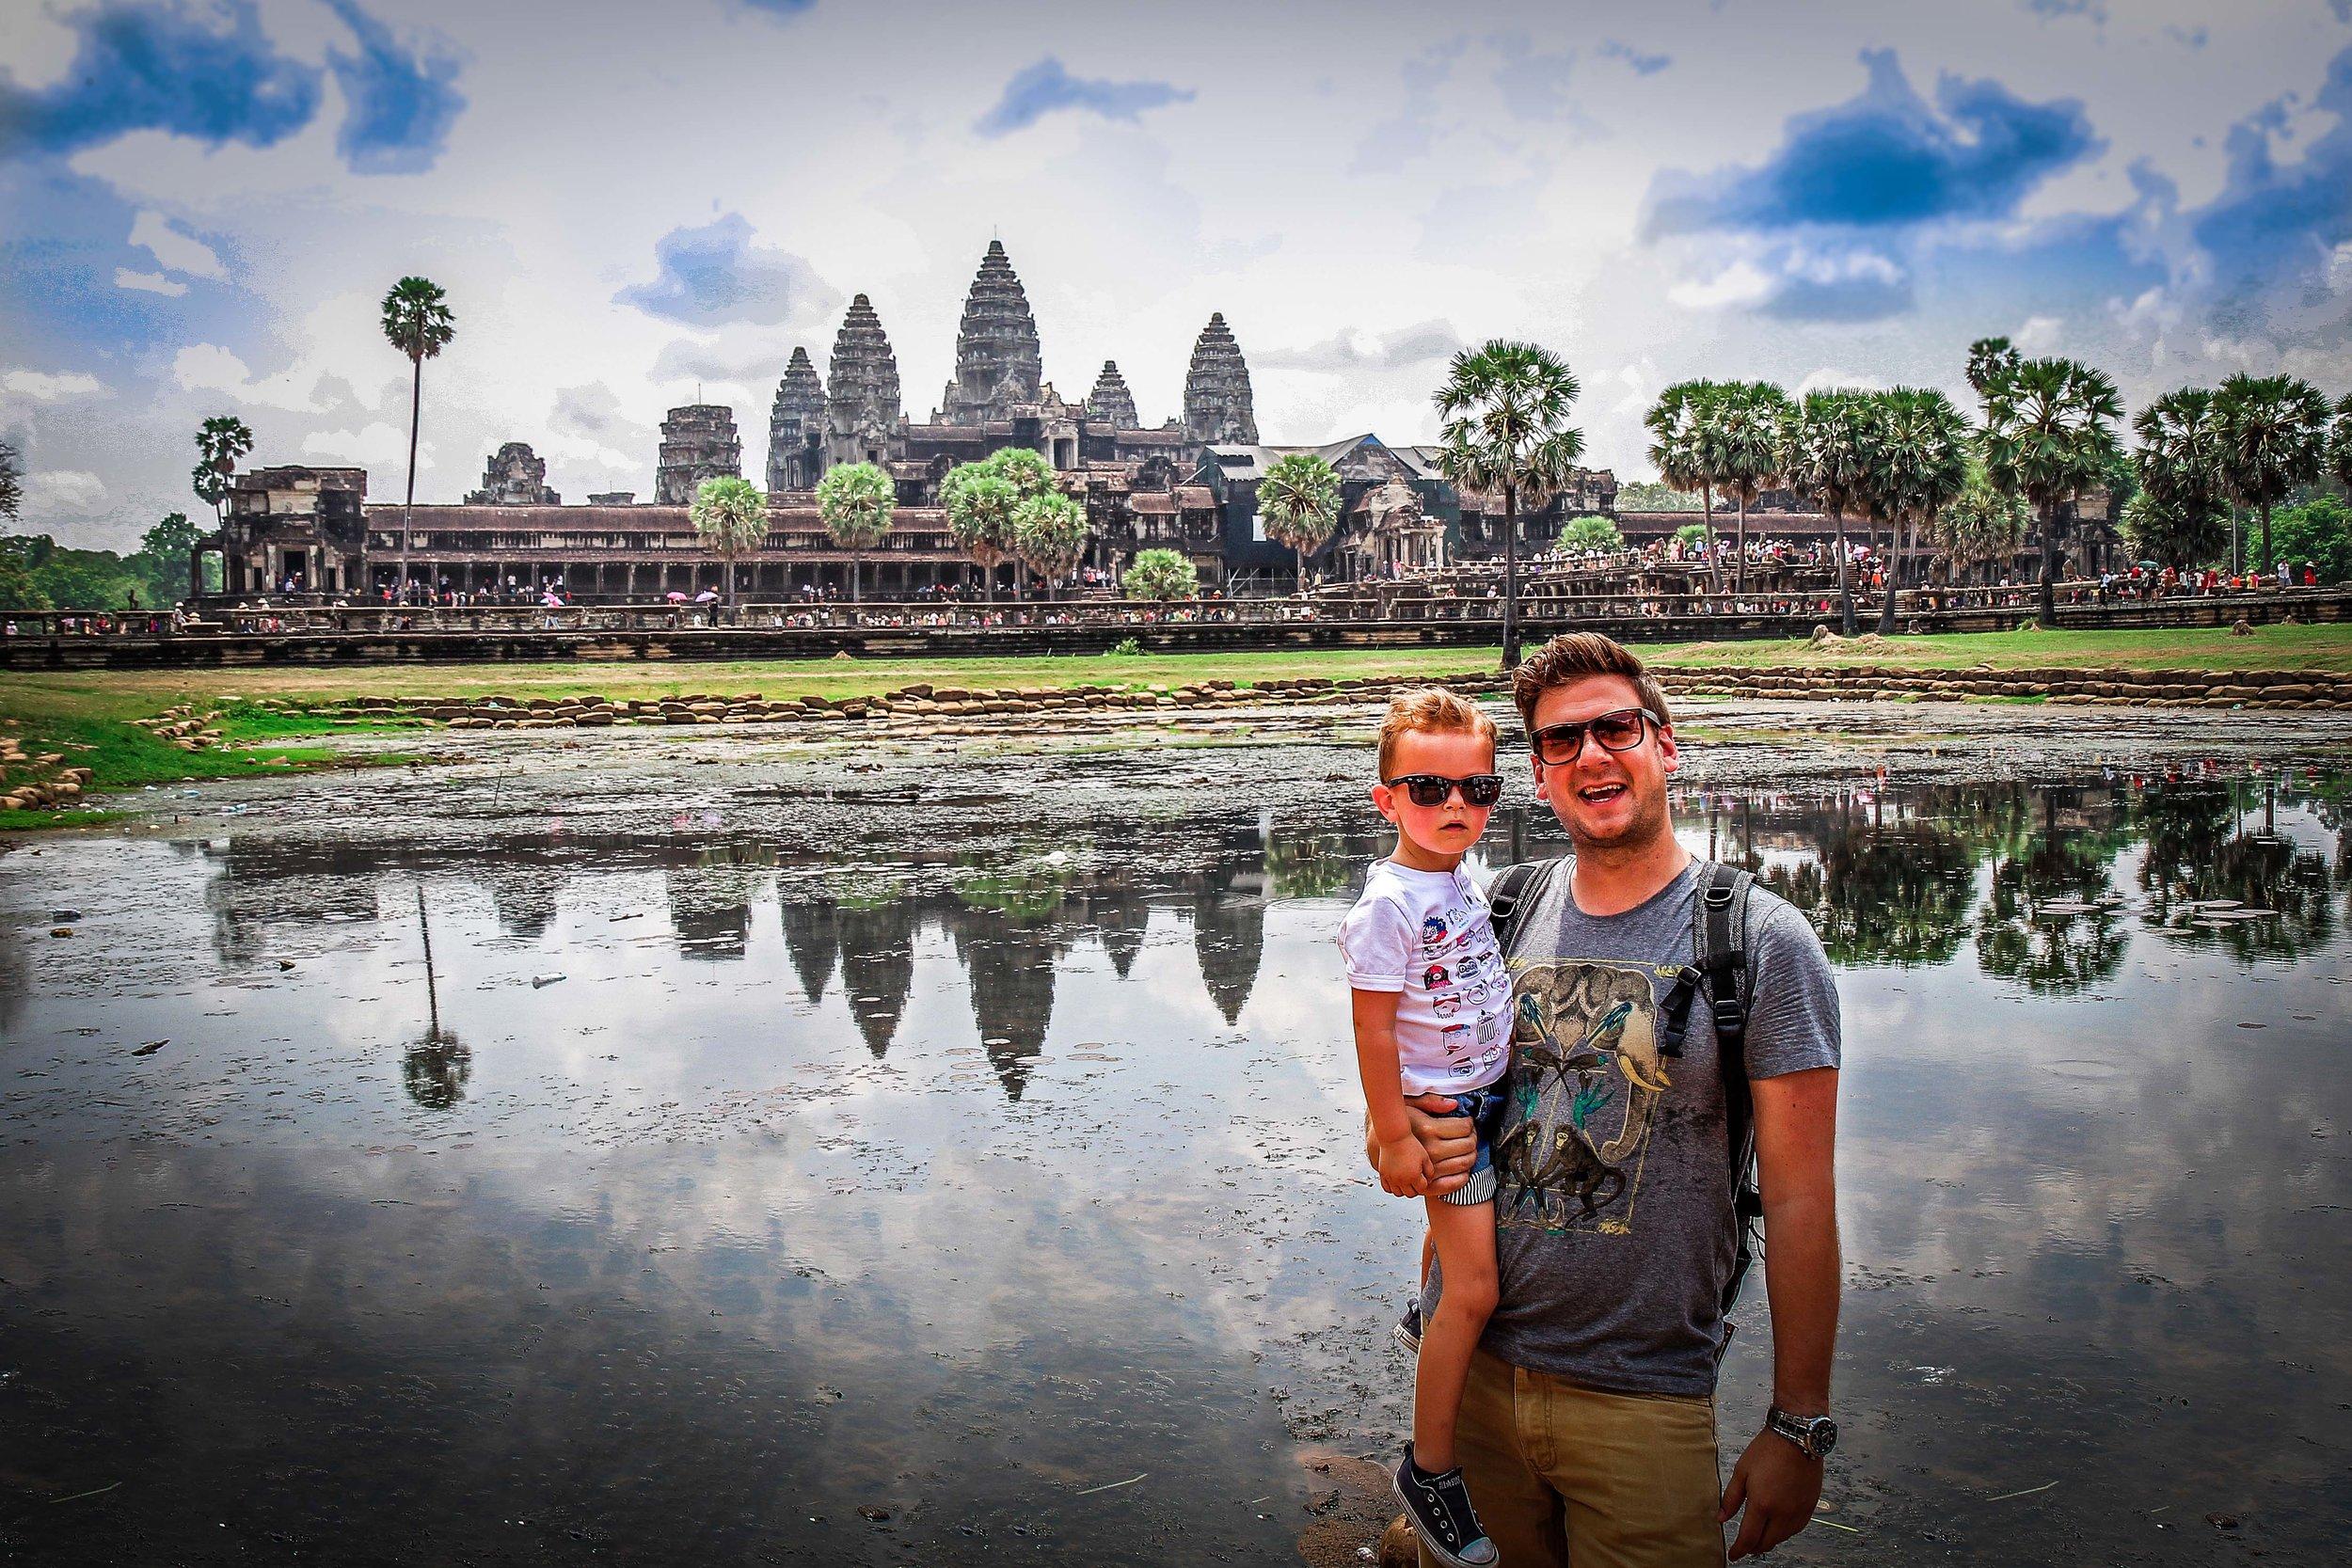 Ankor_wat_cambodia_reizen_met_kinderen-2.jpg